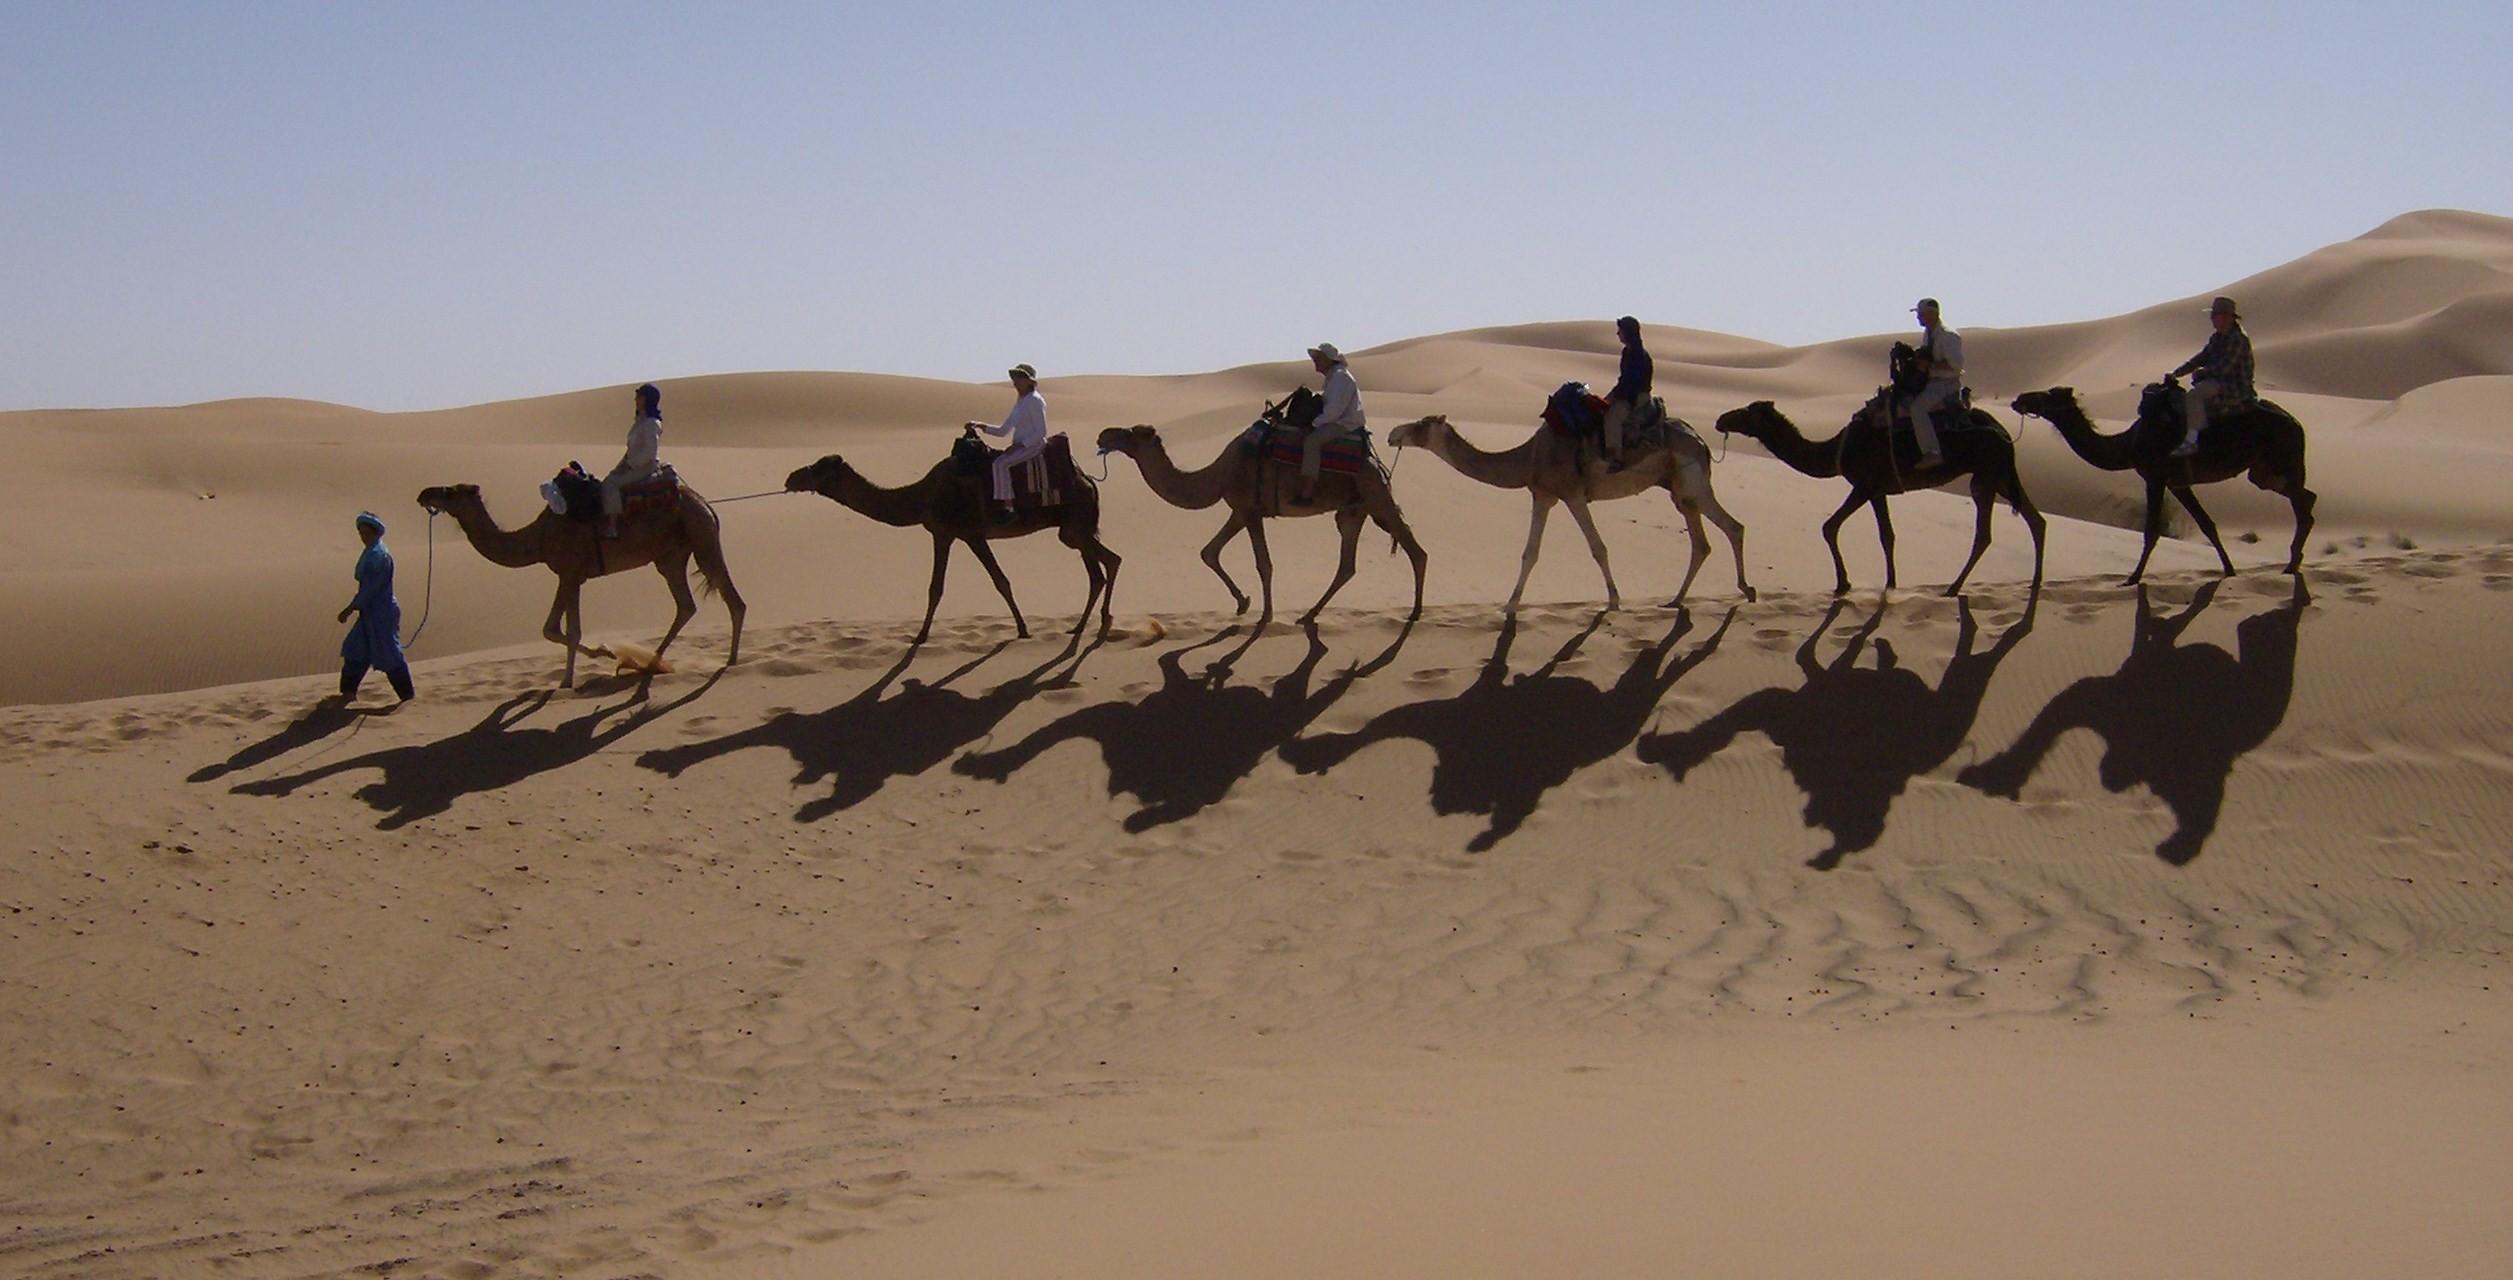 kamelenkaravaan bij Erg Chebbi